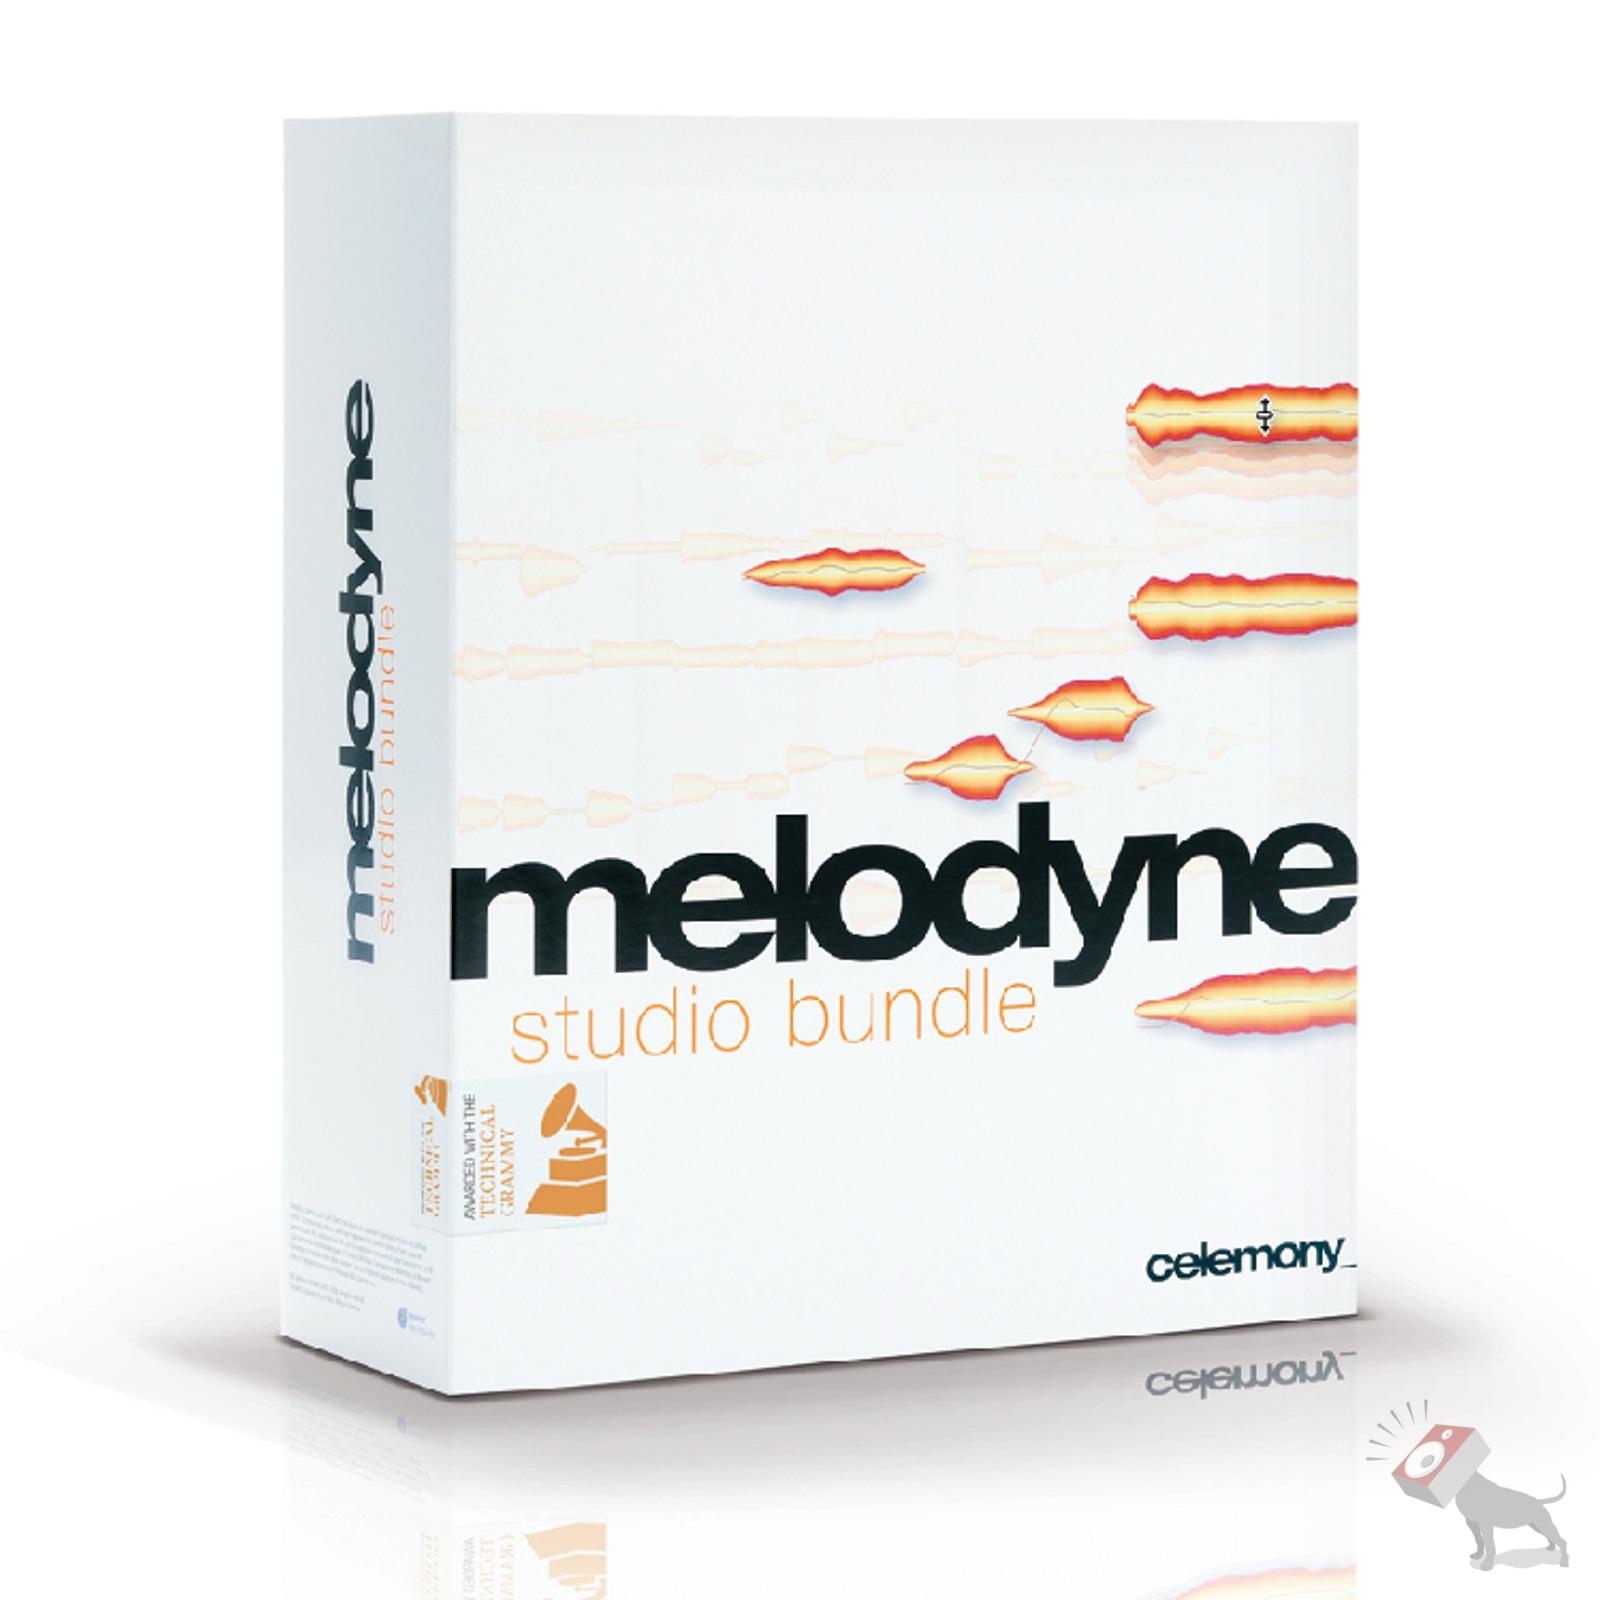 Celemony melodyne editor v2.6.1.32 standalone vst vst3 x86 ...